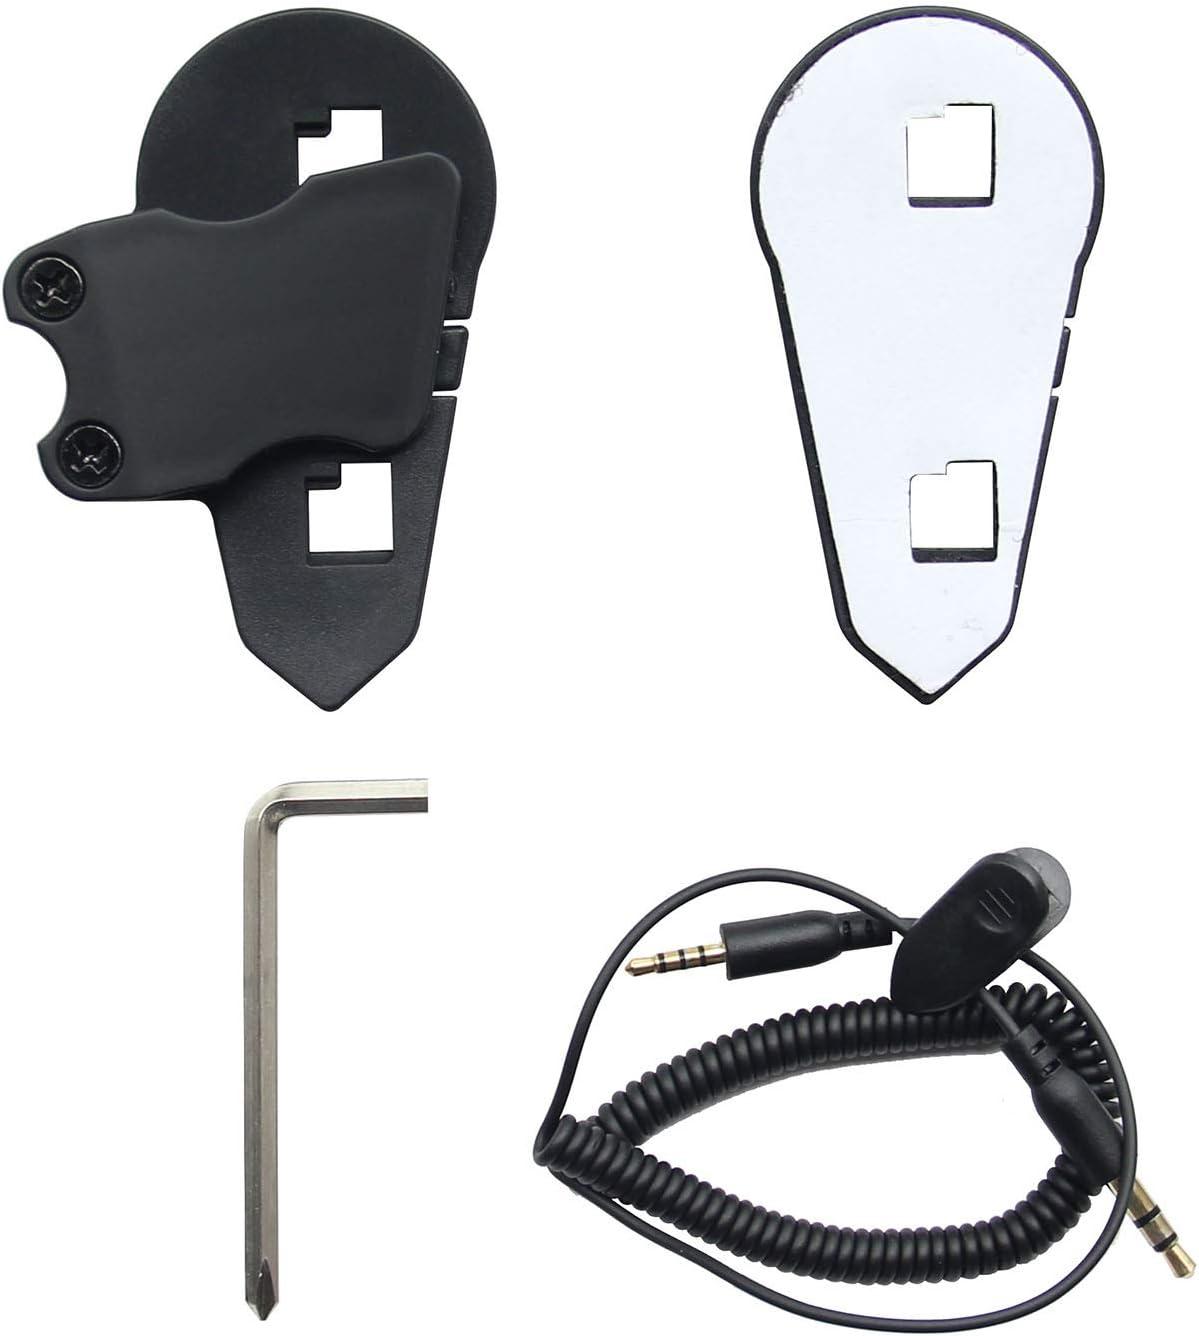 Accesorios de Instalaci/ón para BT-S3 Intercomunicador Casco Moto Auriculare